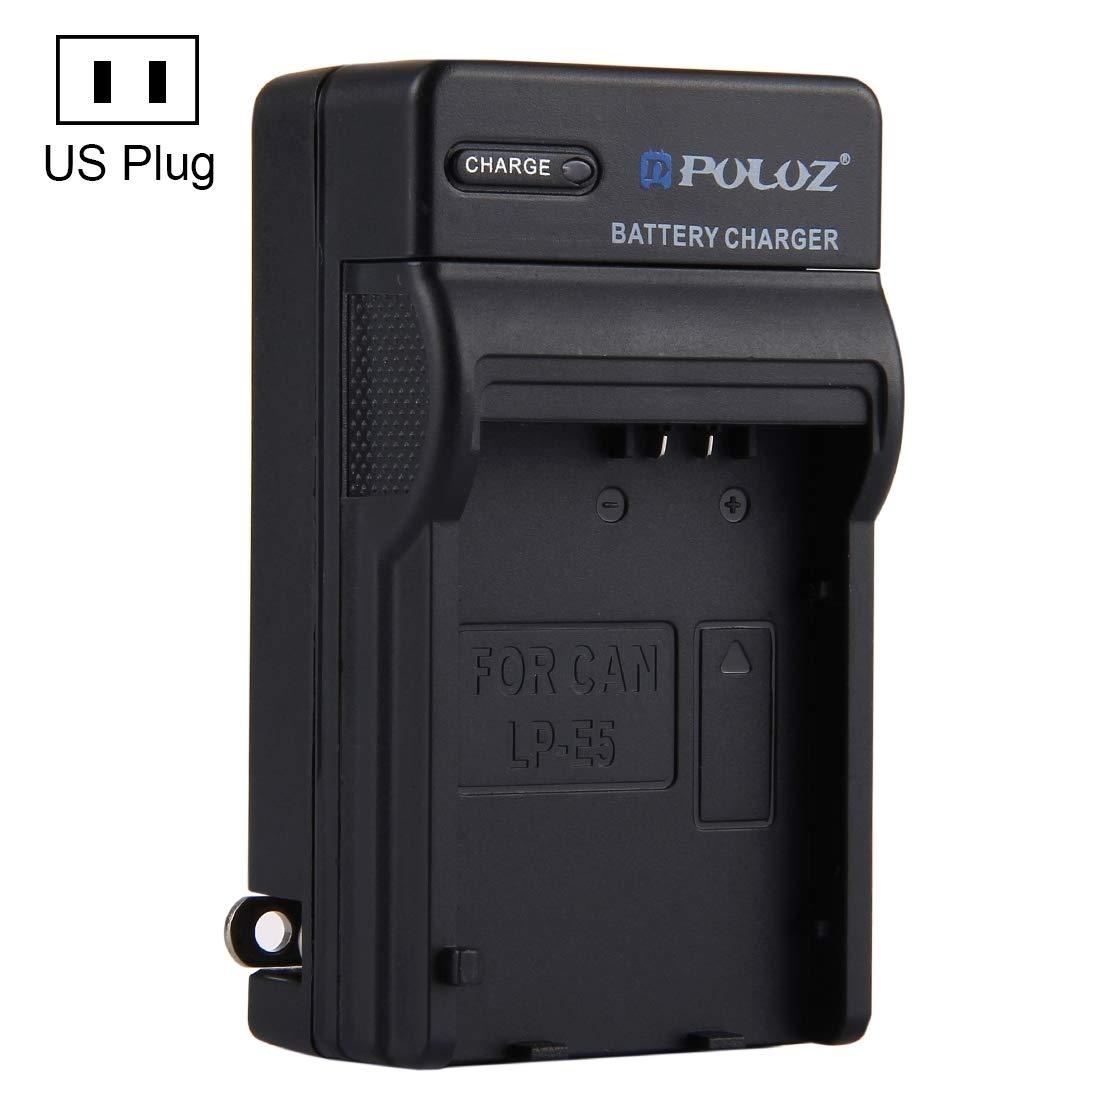 Cargadores de Camara PULUZ US Plug Cargador de batería para ...